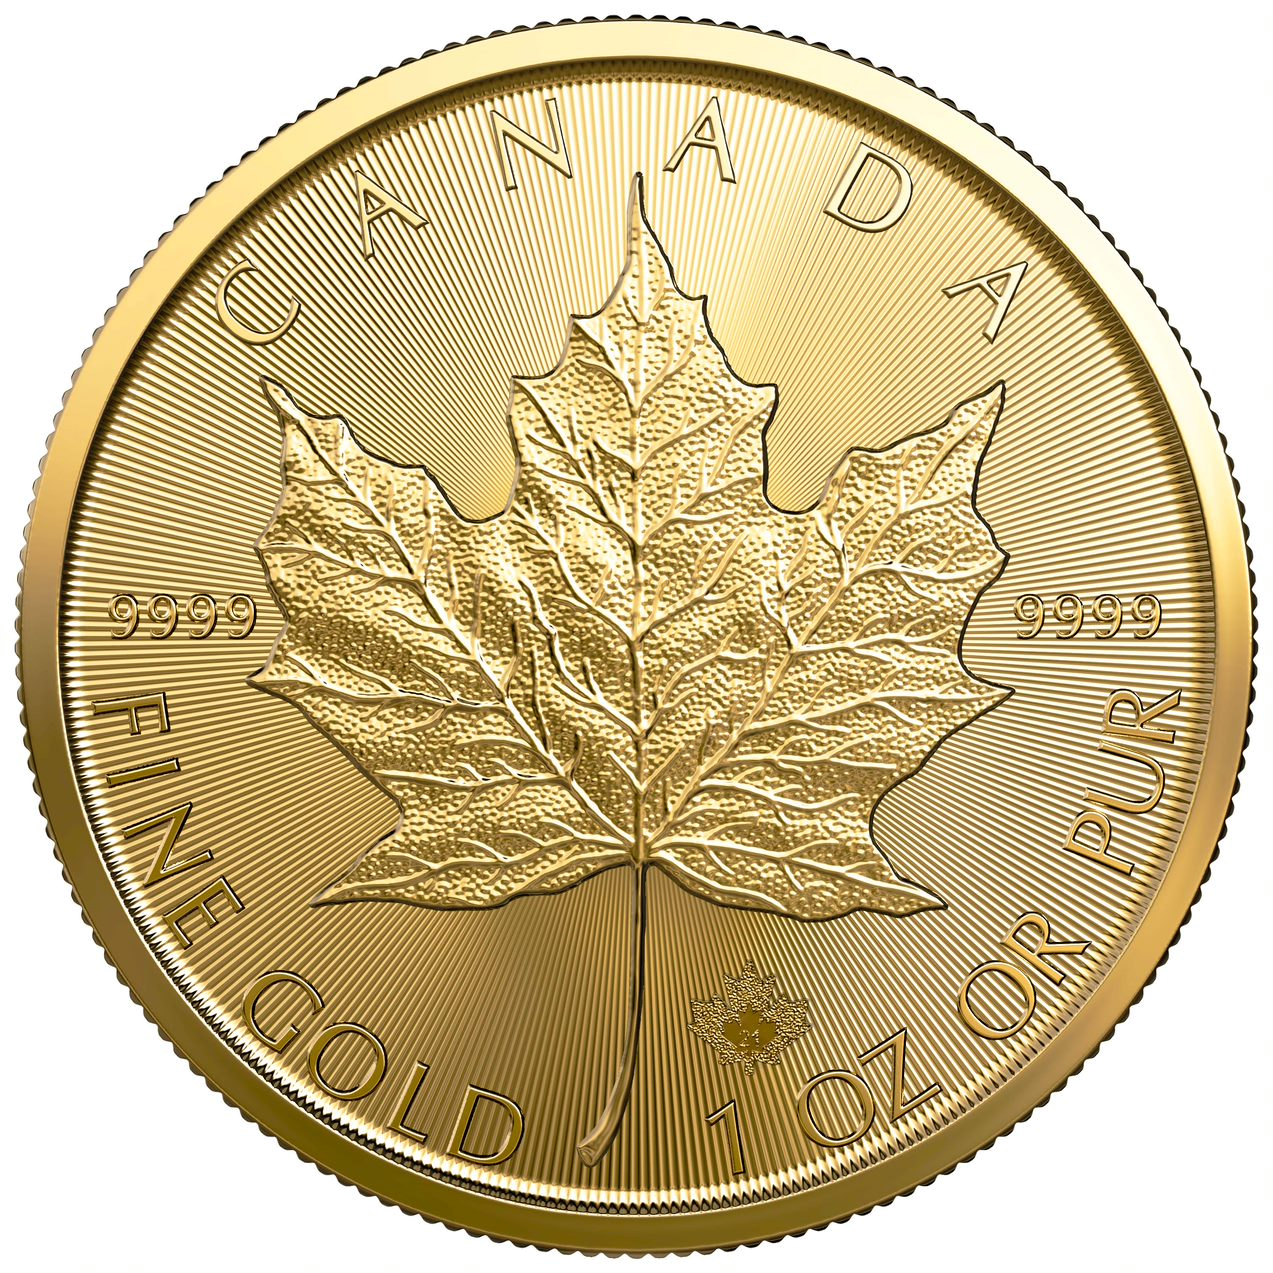 2021 1 oz. Gold Maple Leaf